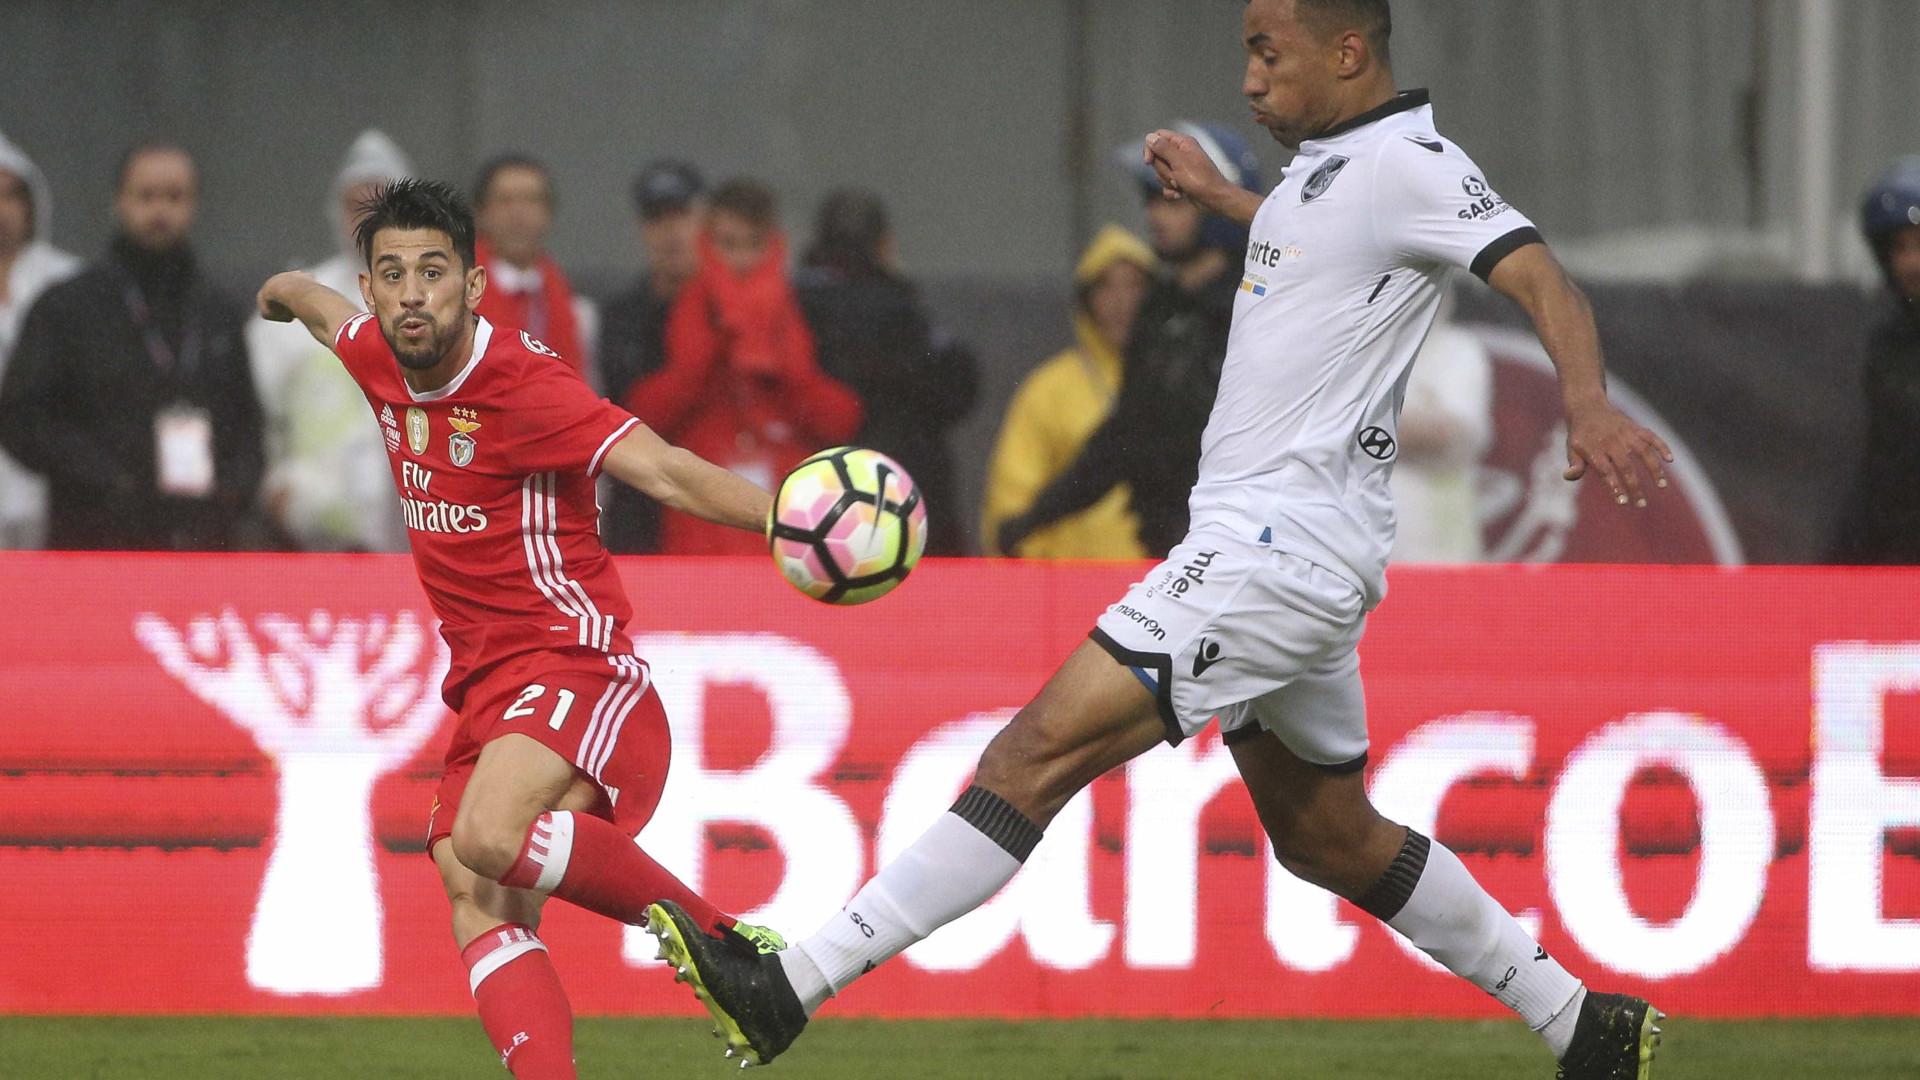 Pedro Henrique associado ao FC Porto